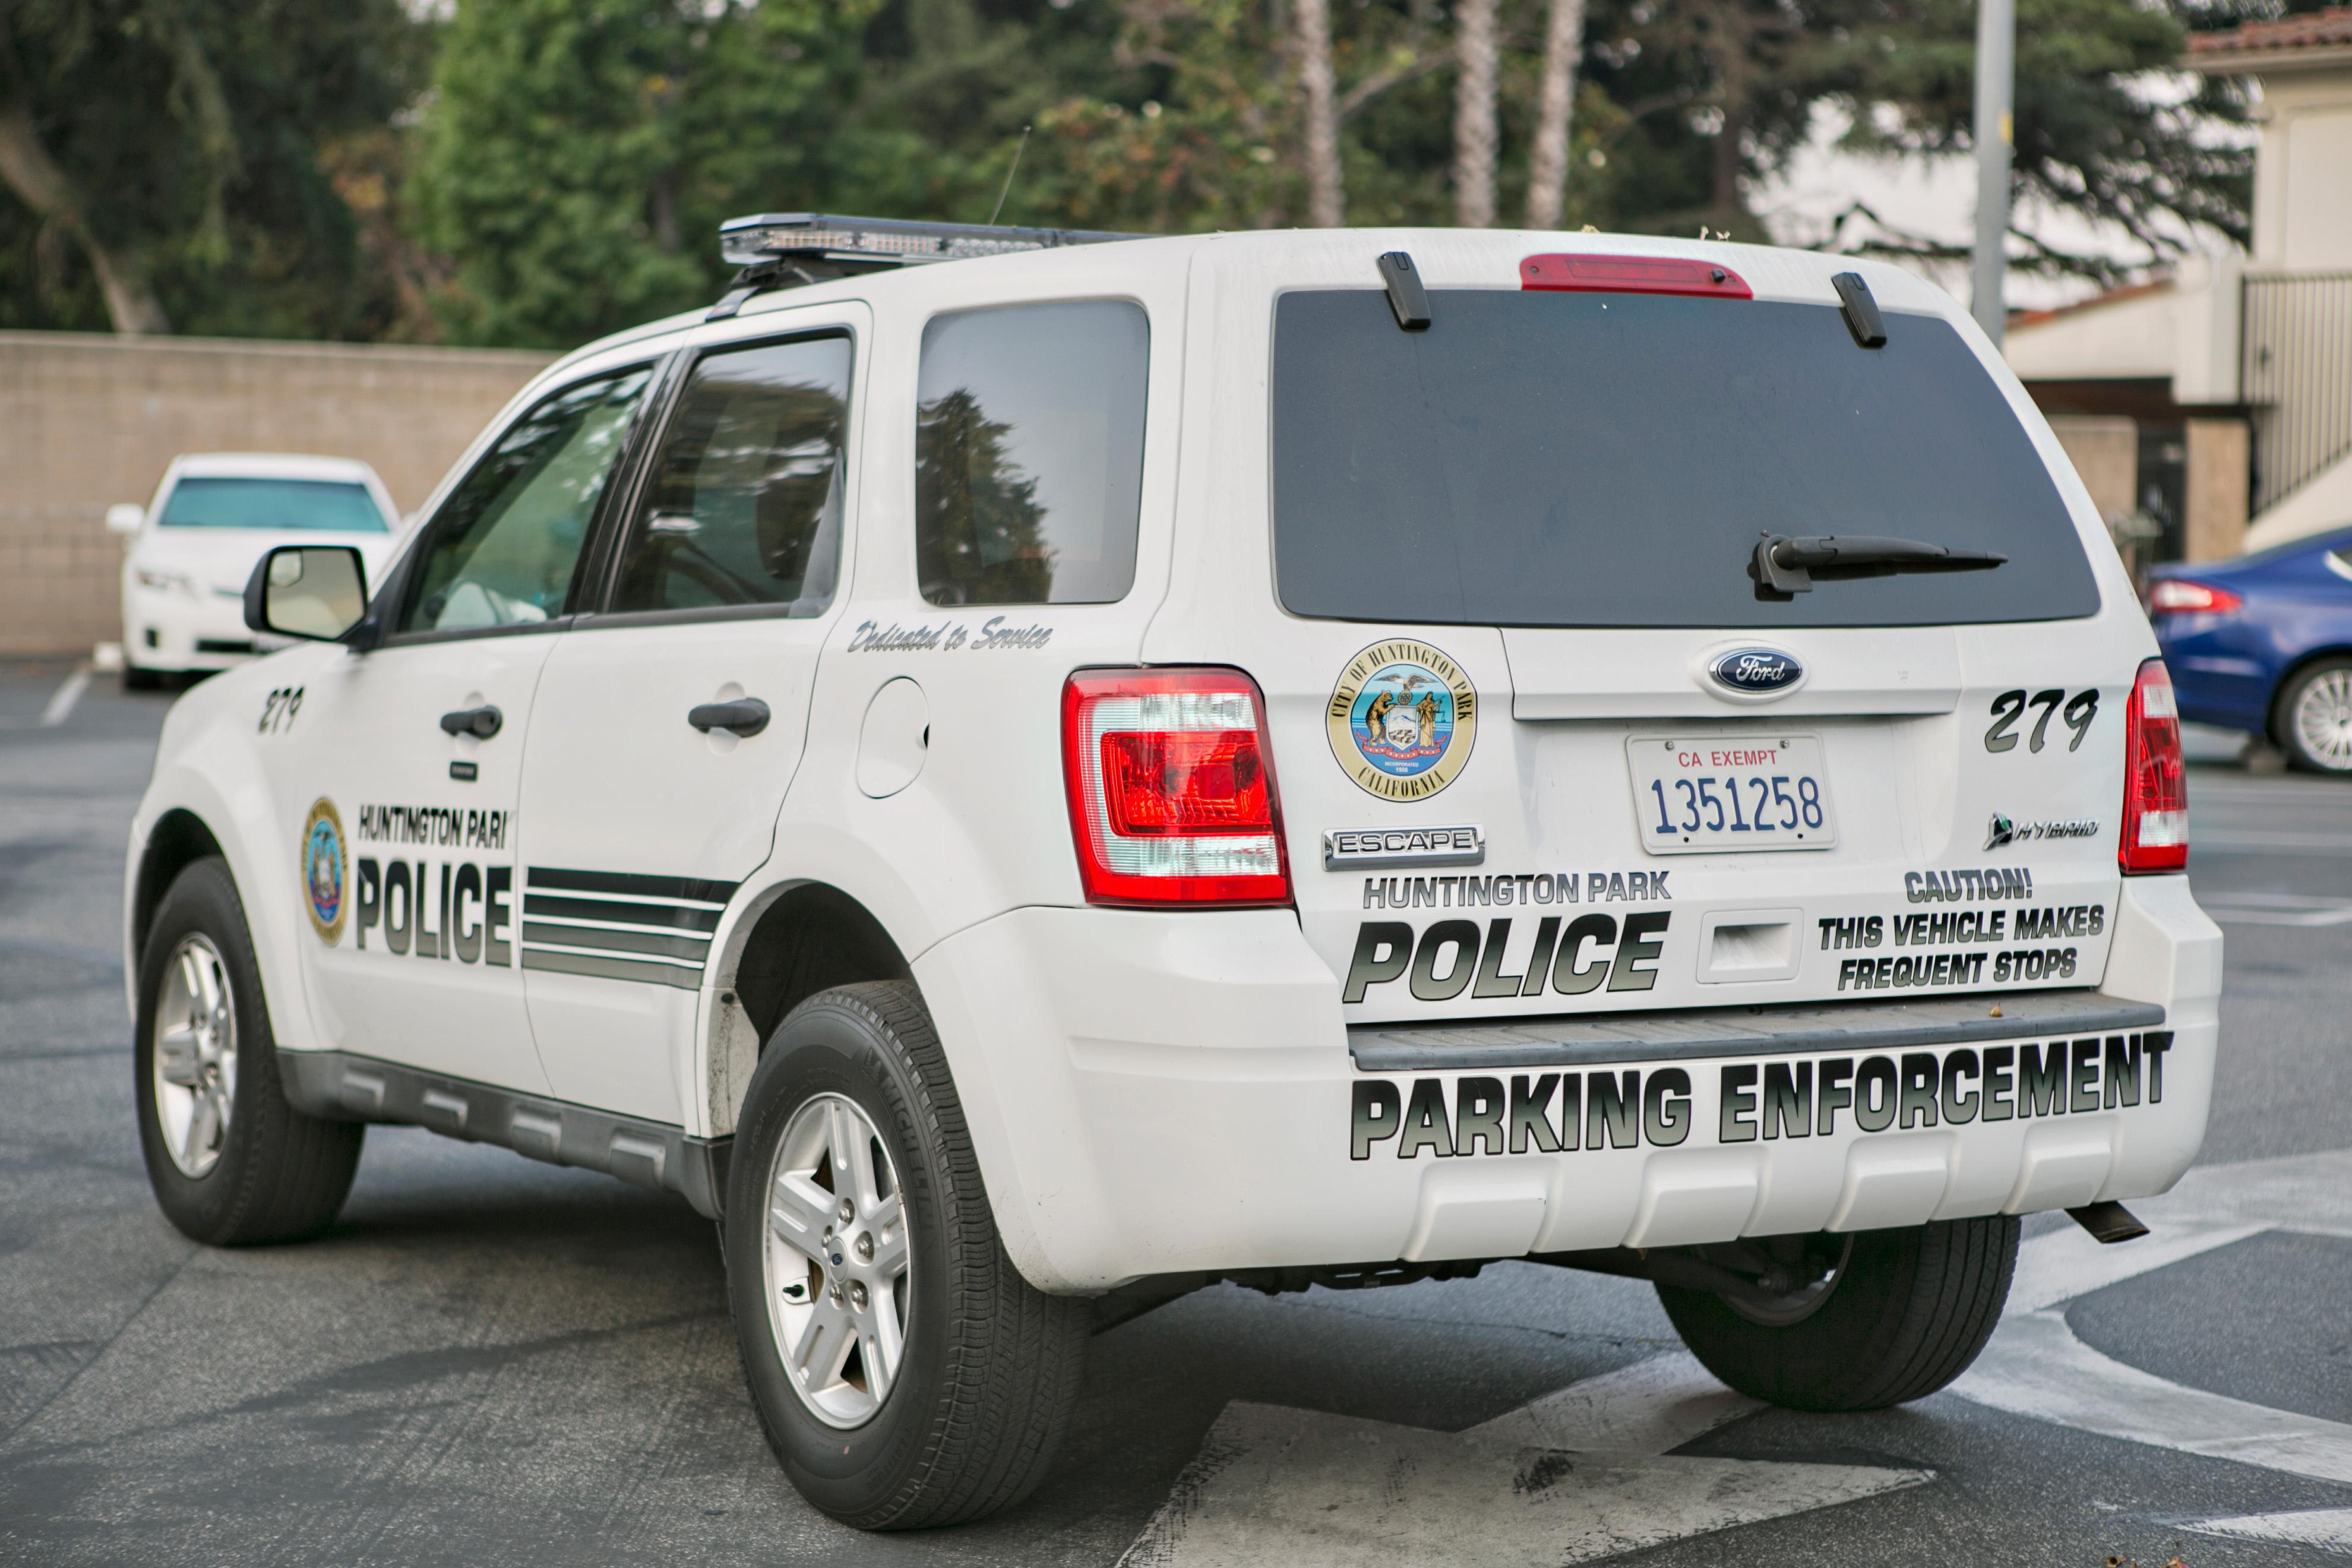 Parking Enforcement - Huntington Park Police Department